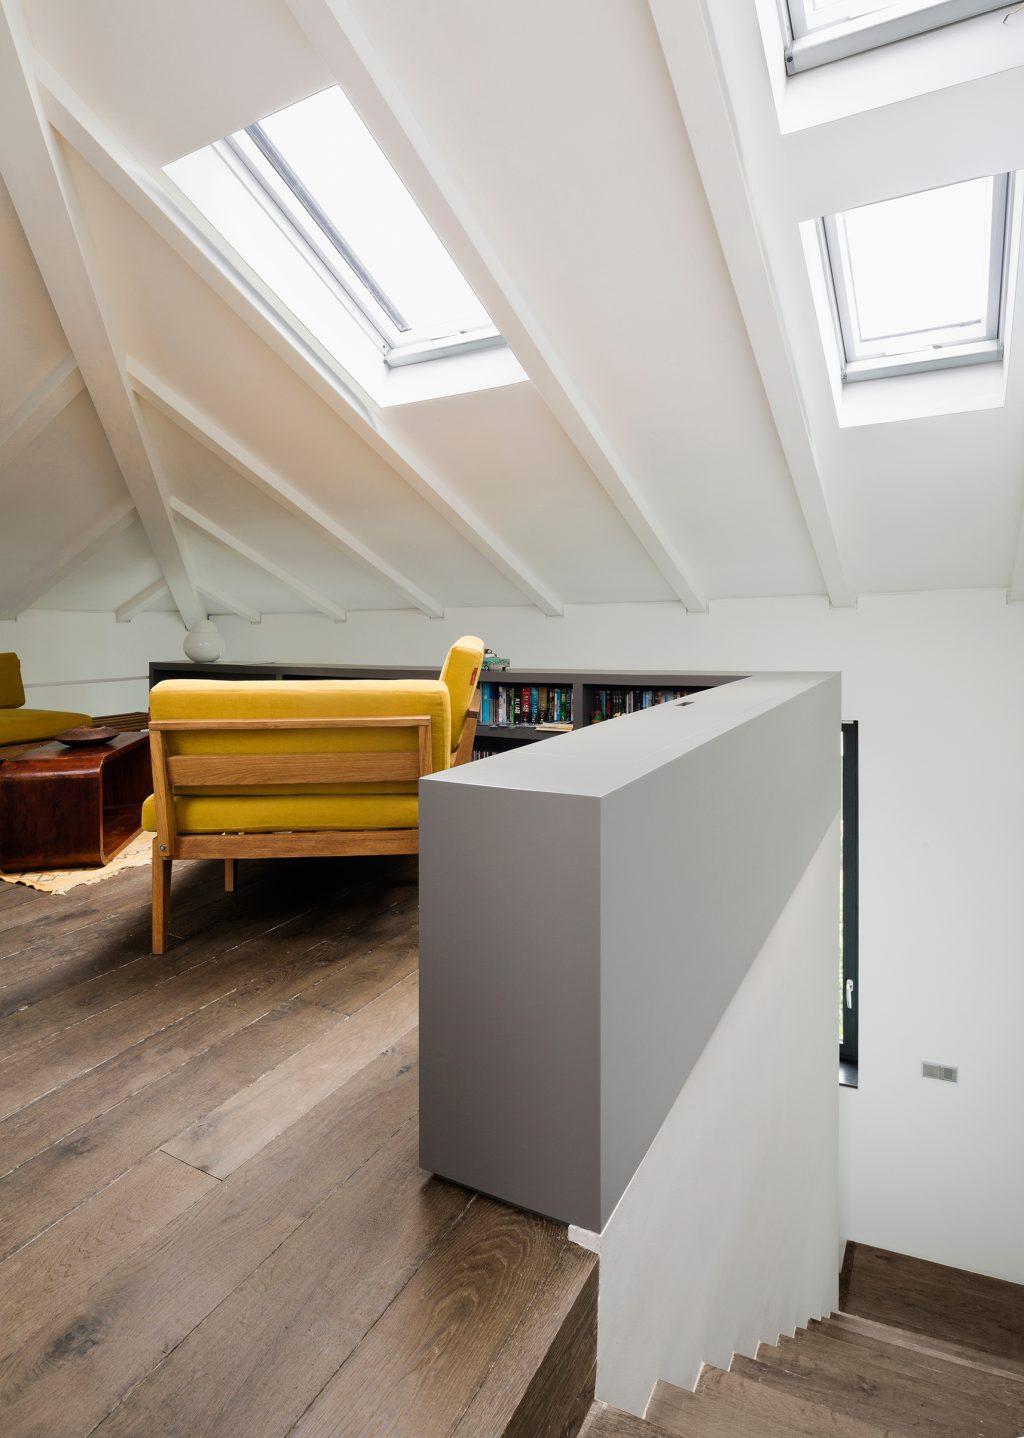 Westway Achitects vertikale Dachboden, Dachboden im Studio umgewandelt